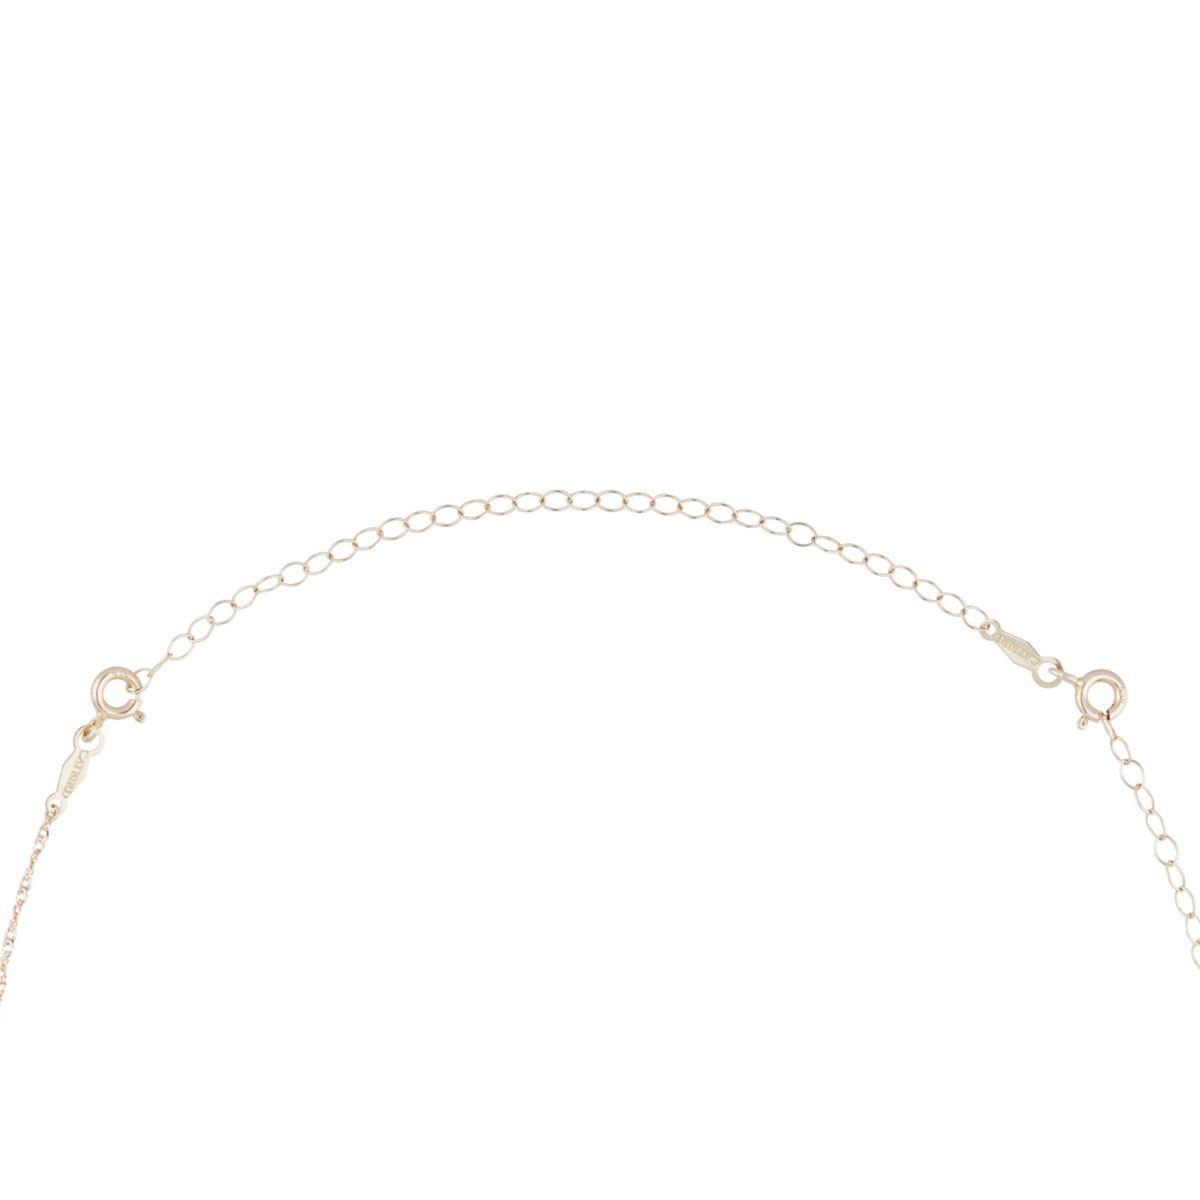 Goldilocks Chain Extender image